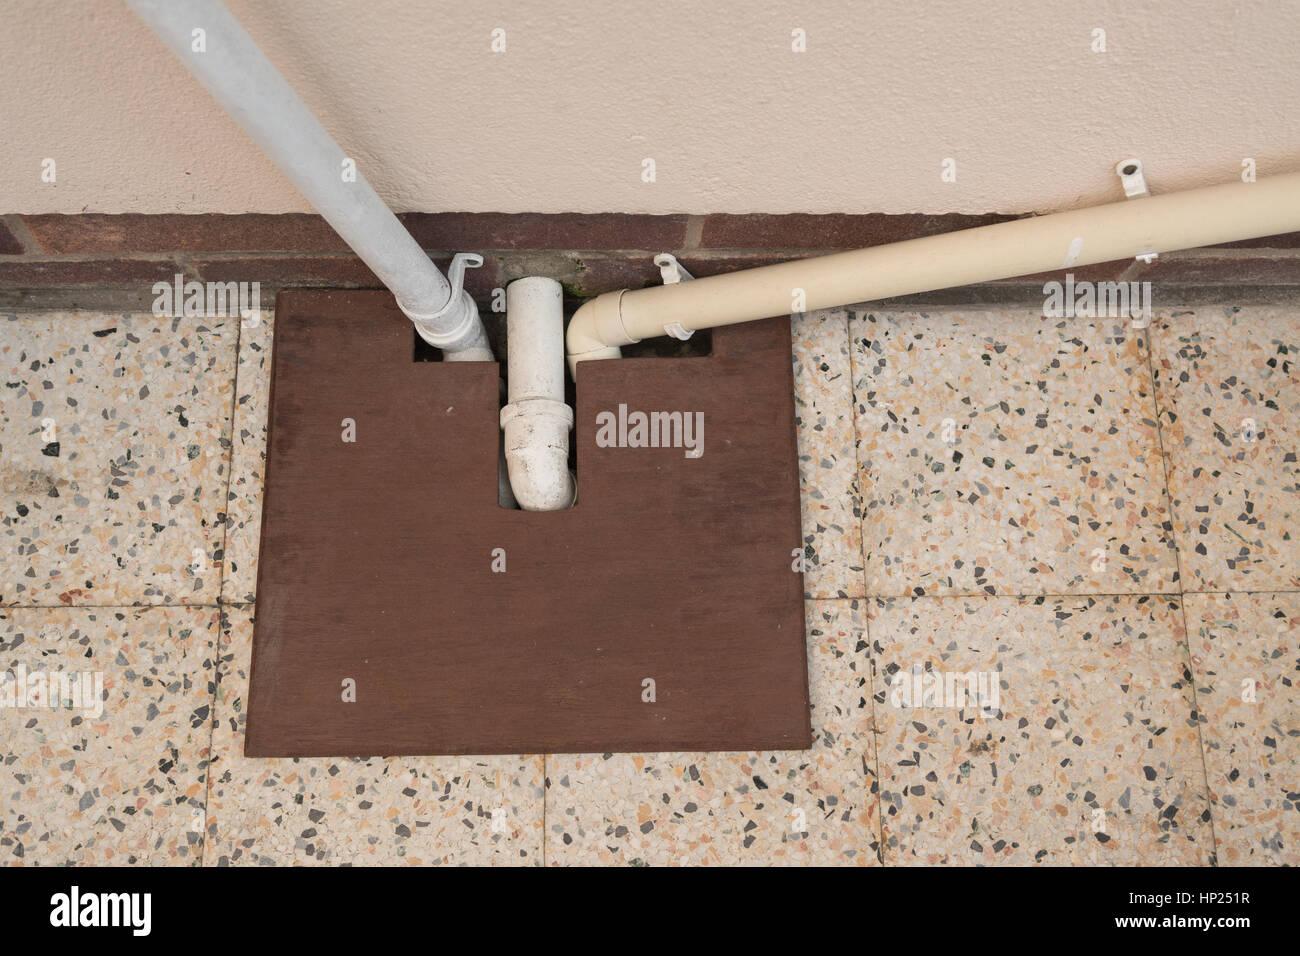 Cubierta de drenaje artesanal y tapón de hojas Imagen De Stock